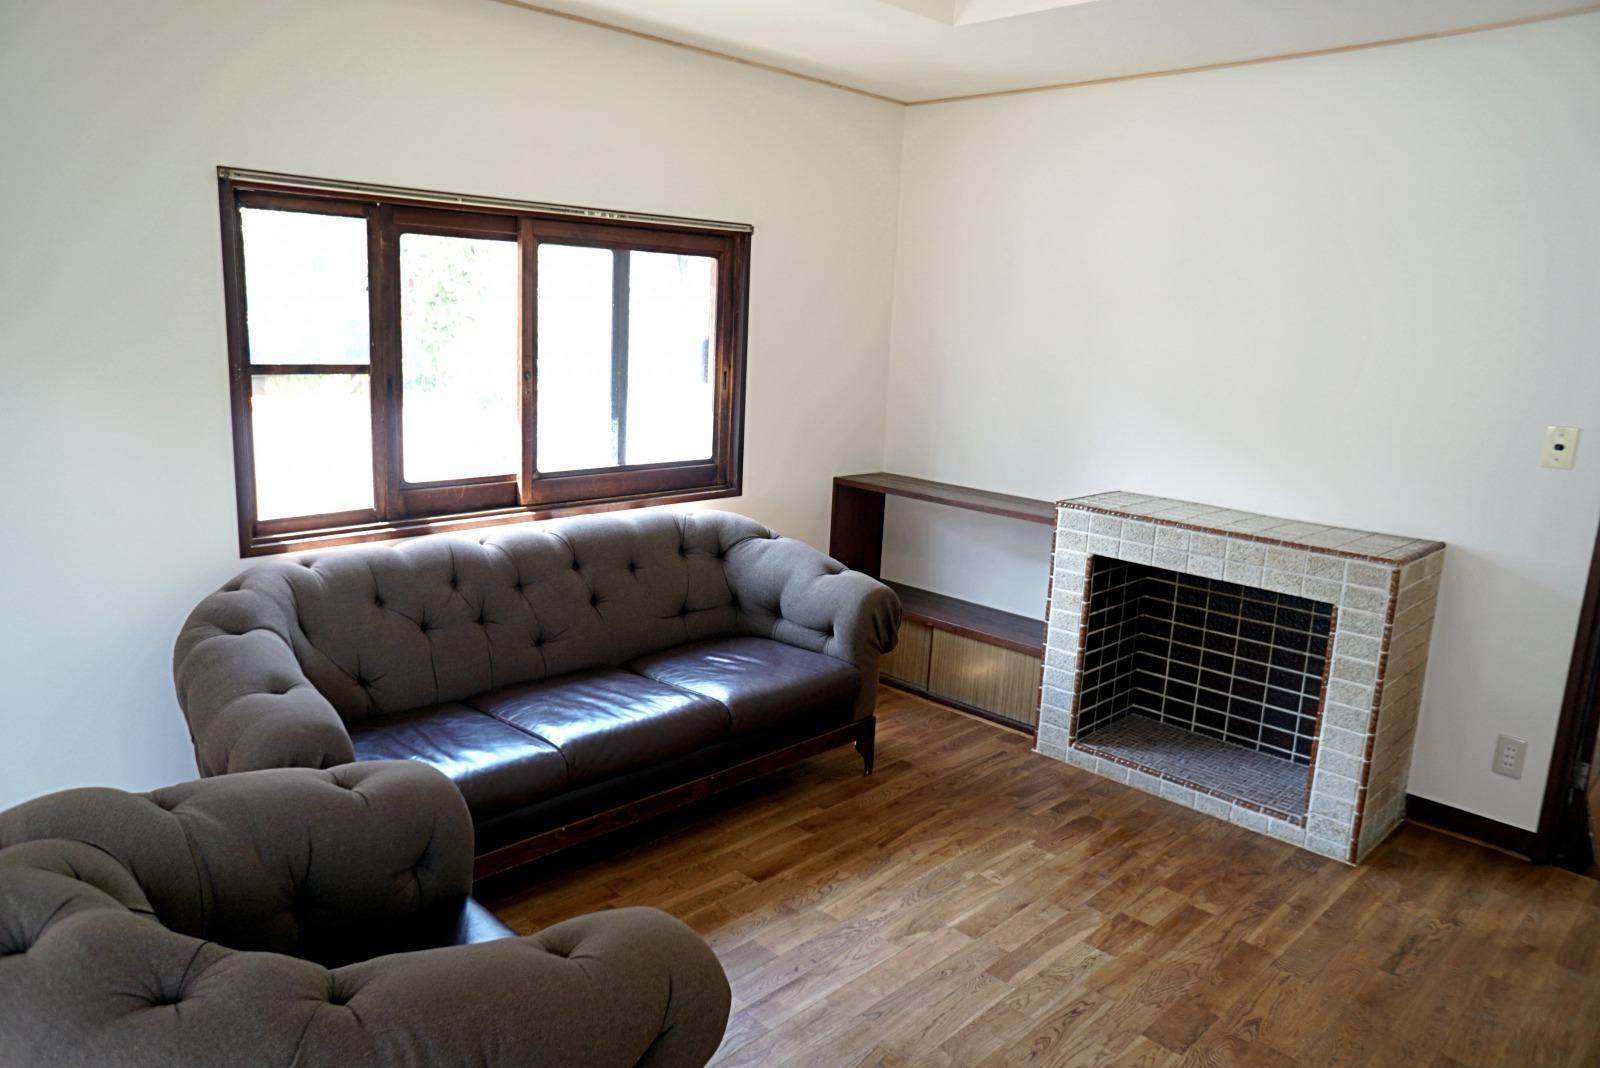 既存の備え付け棚と飾り暖炉